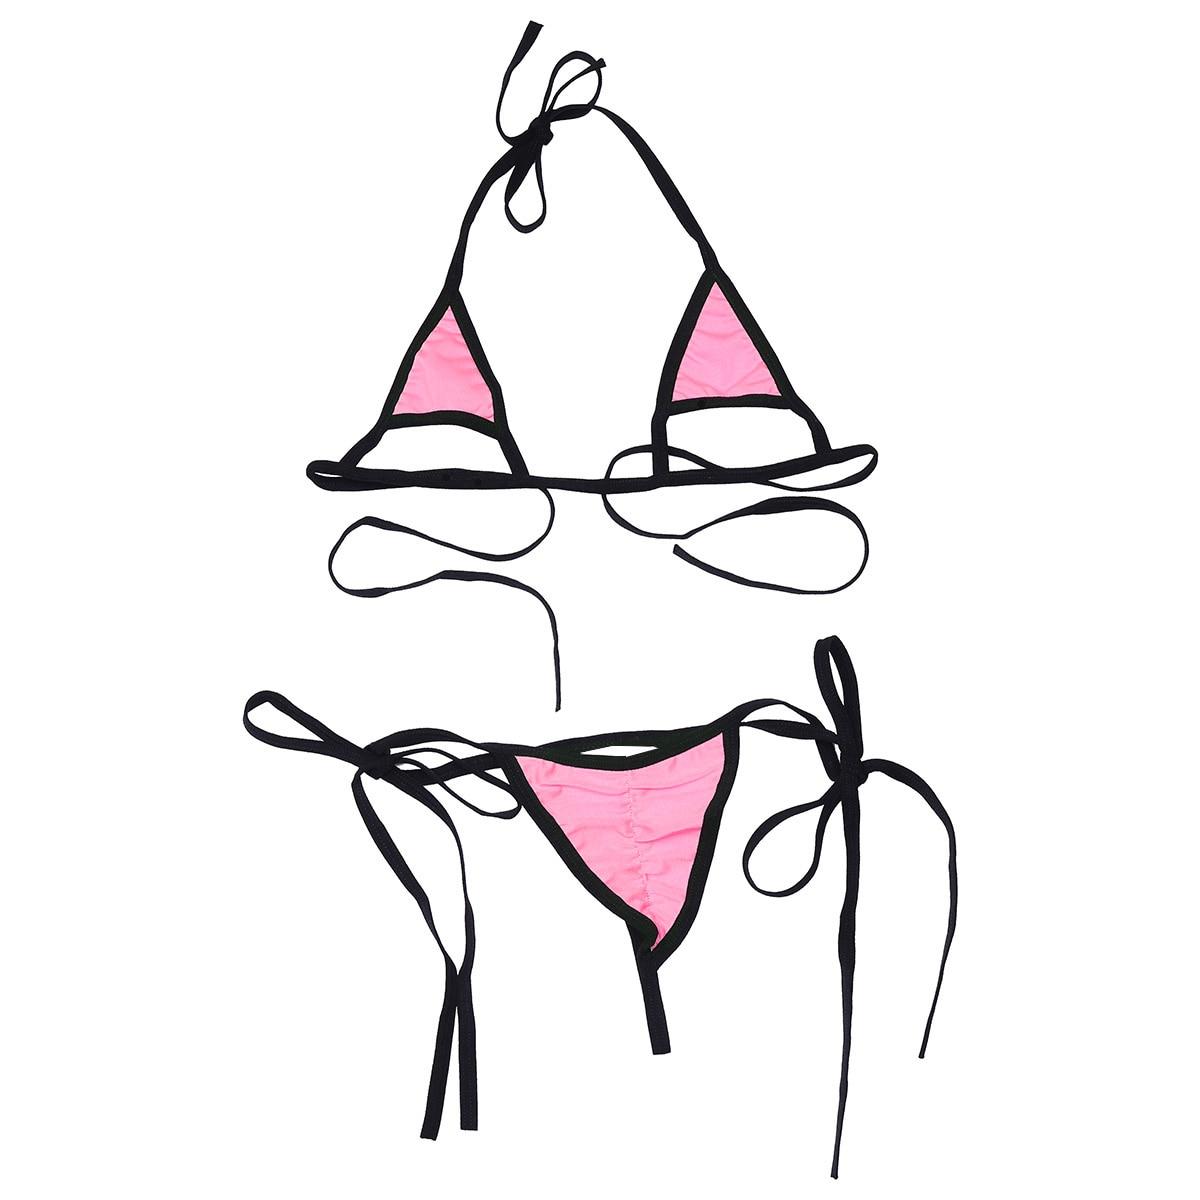 Комплект женского нижнего белья из 2 предметов, ремешки, уздечка, сексуальный популярный топ с завязками по бокам, Т-образный вырез сзади, от... 25